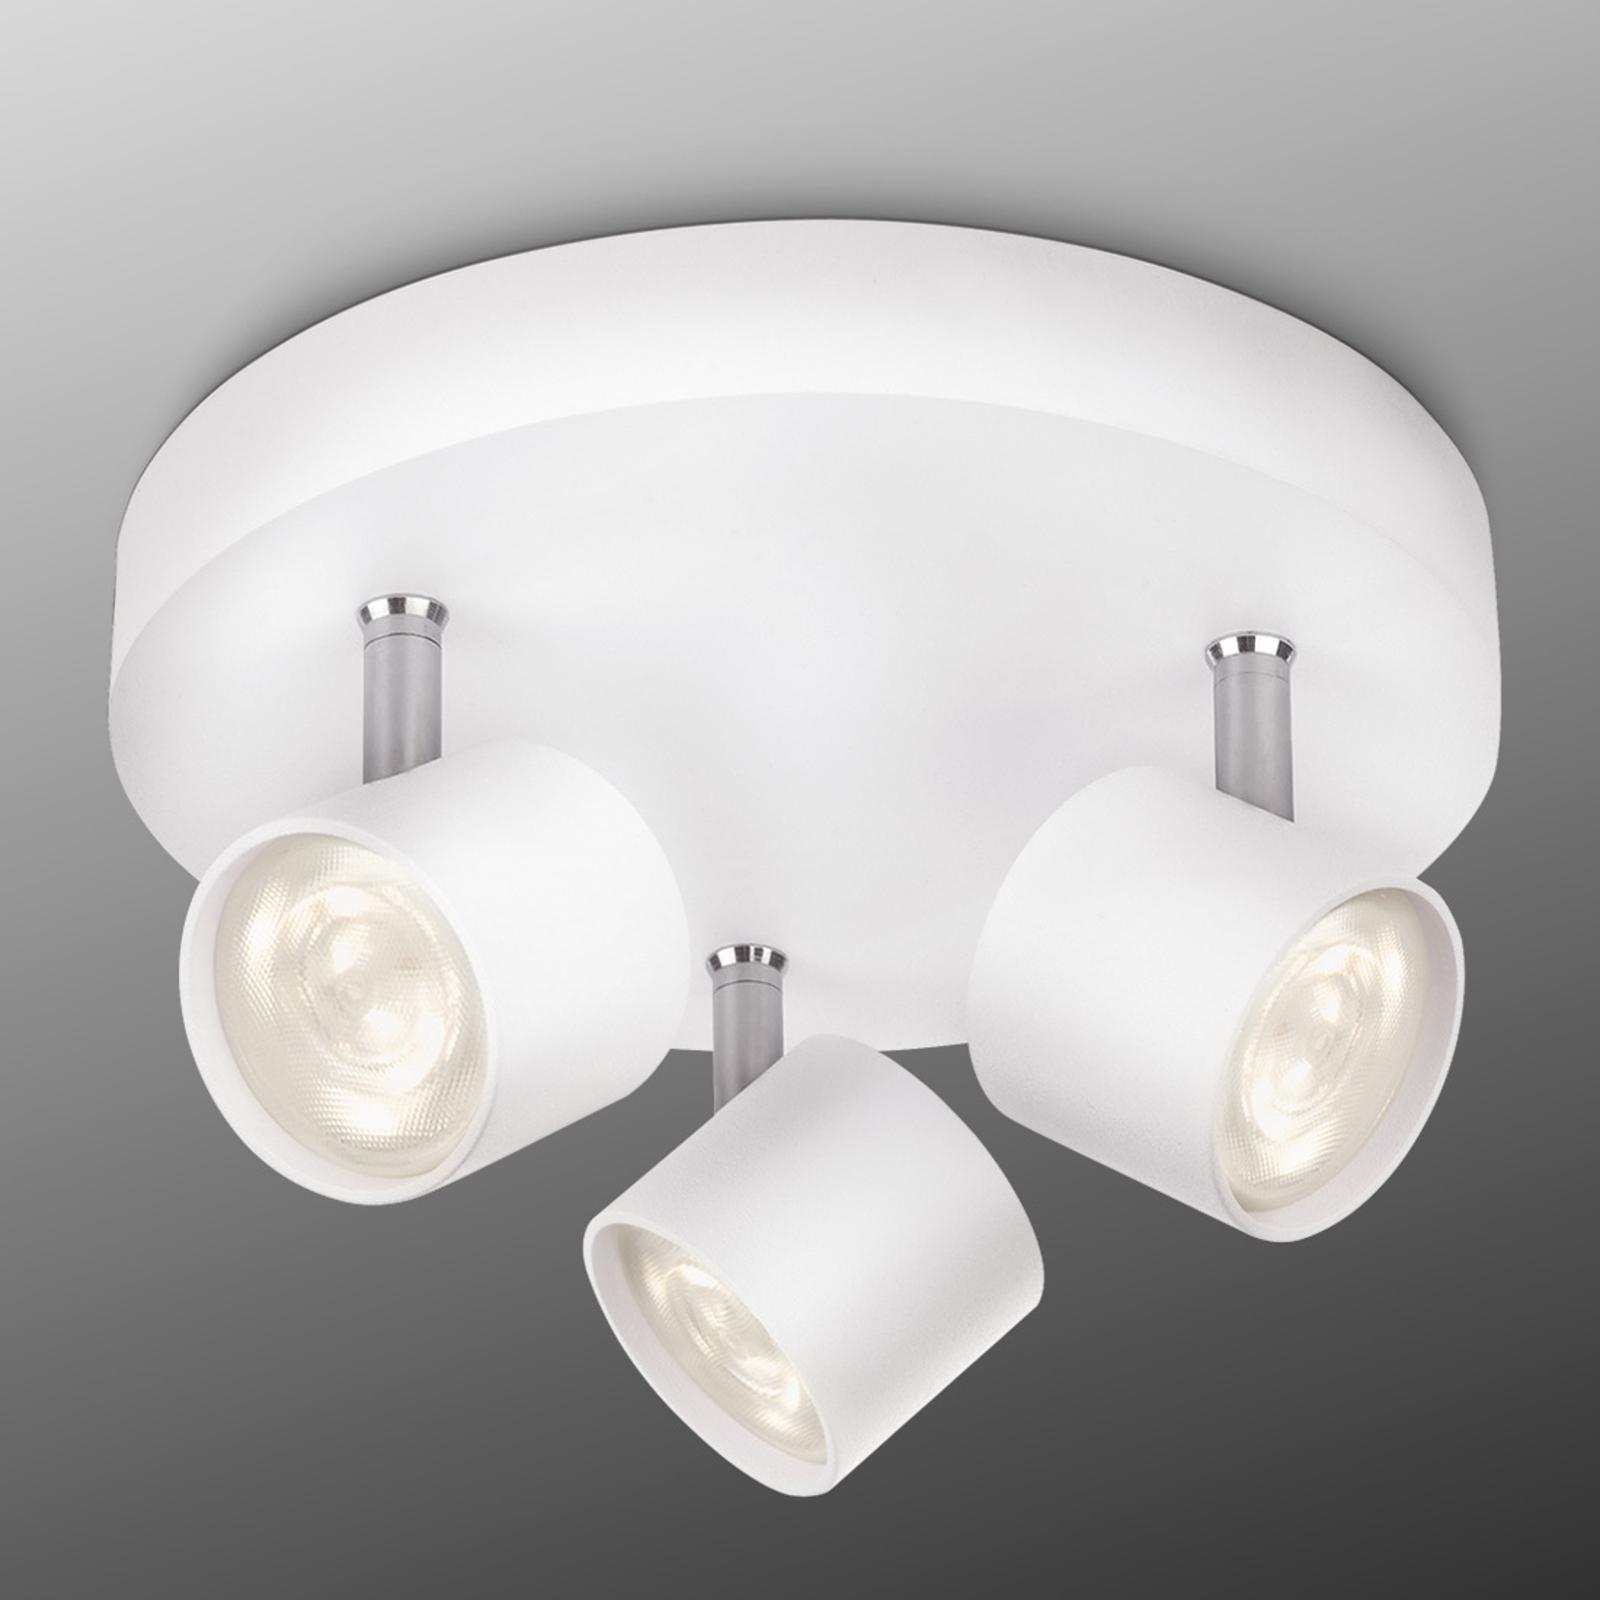 Plafonnier LED Star à trois lampes blanc rond